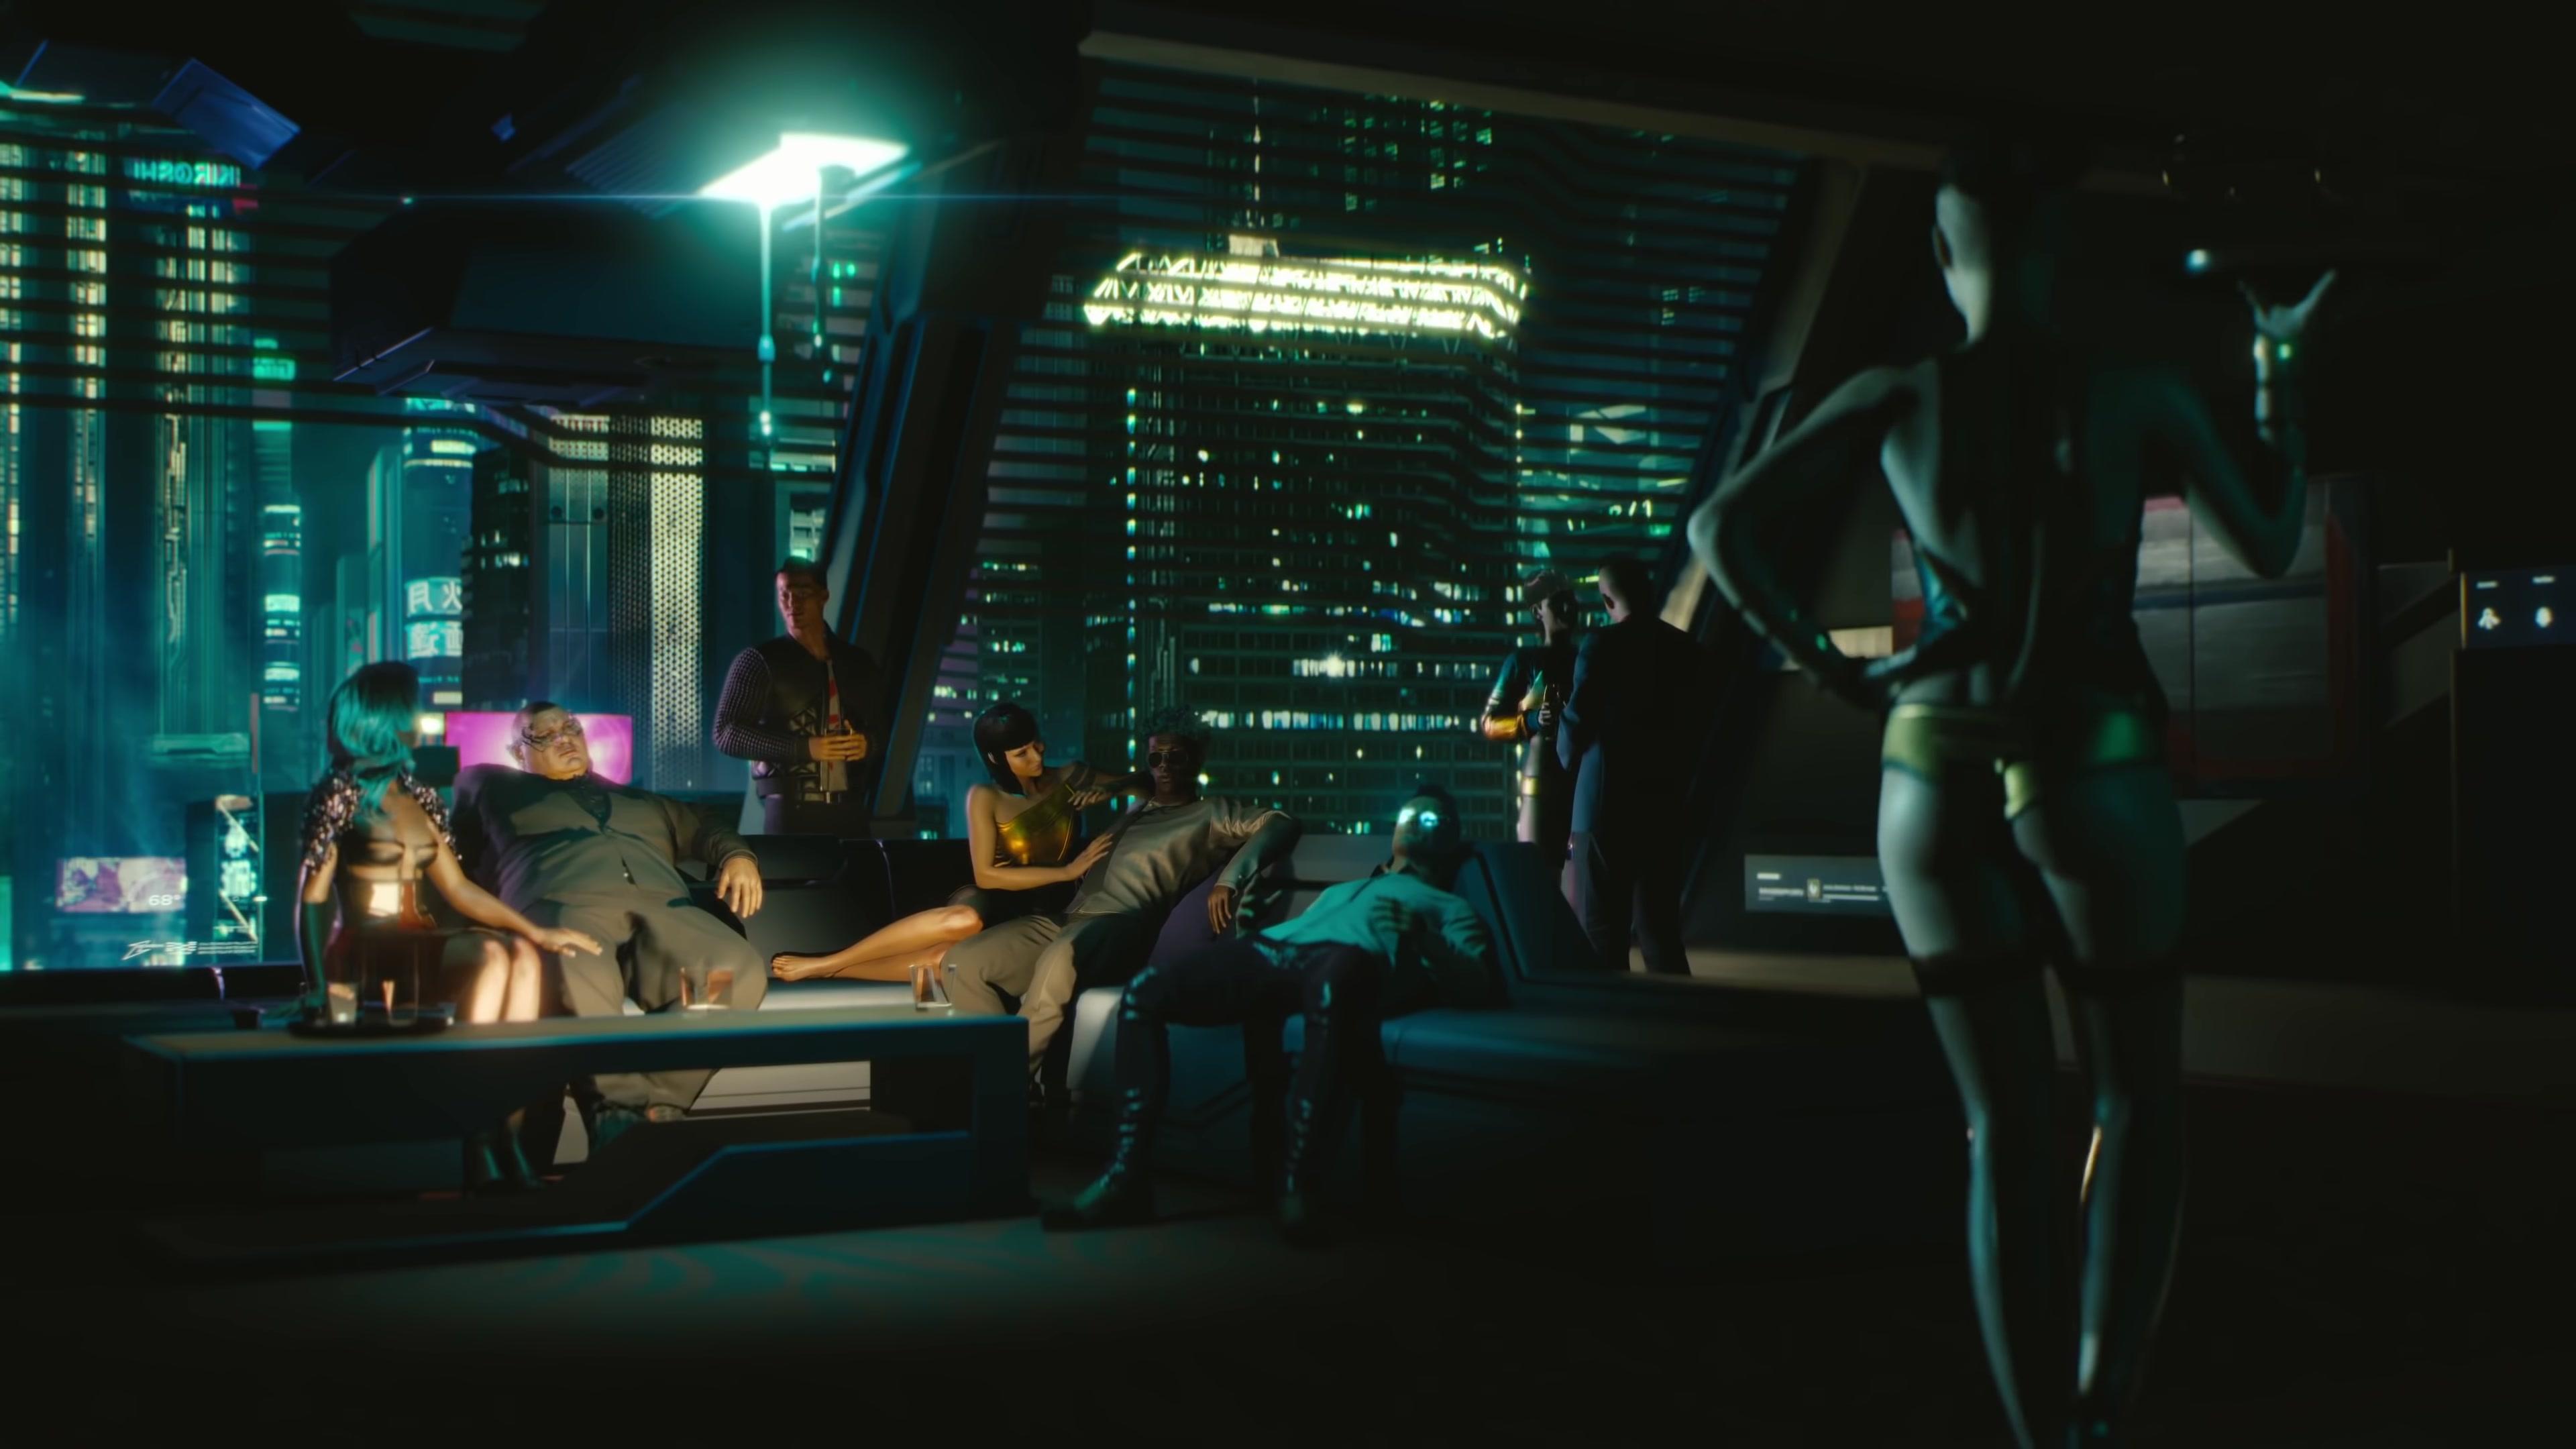 Cyberpunk 2077 055.jpg - Cyberpunk 2077